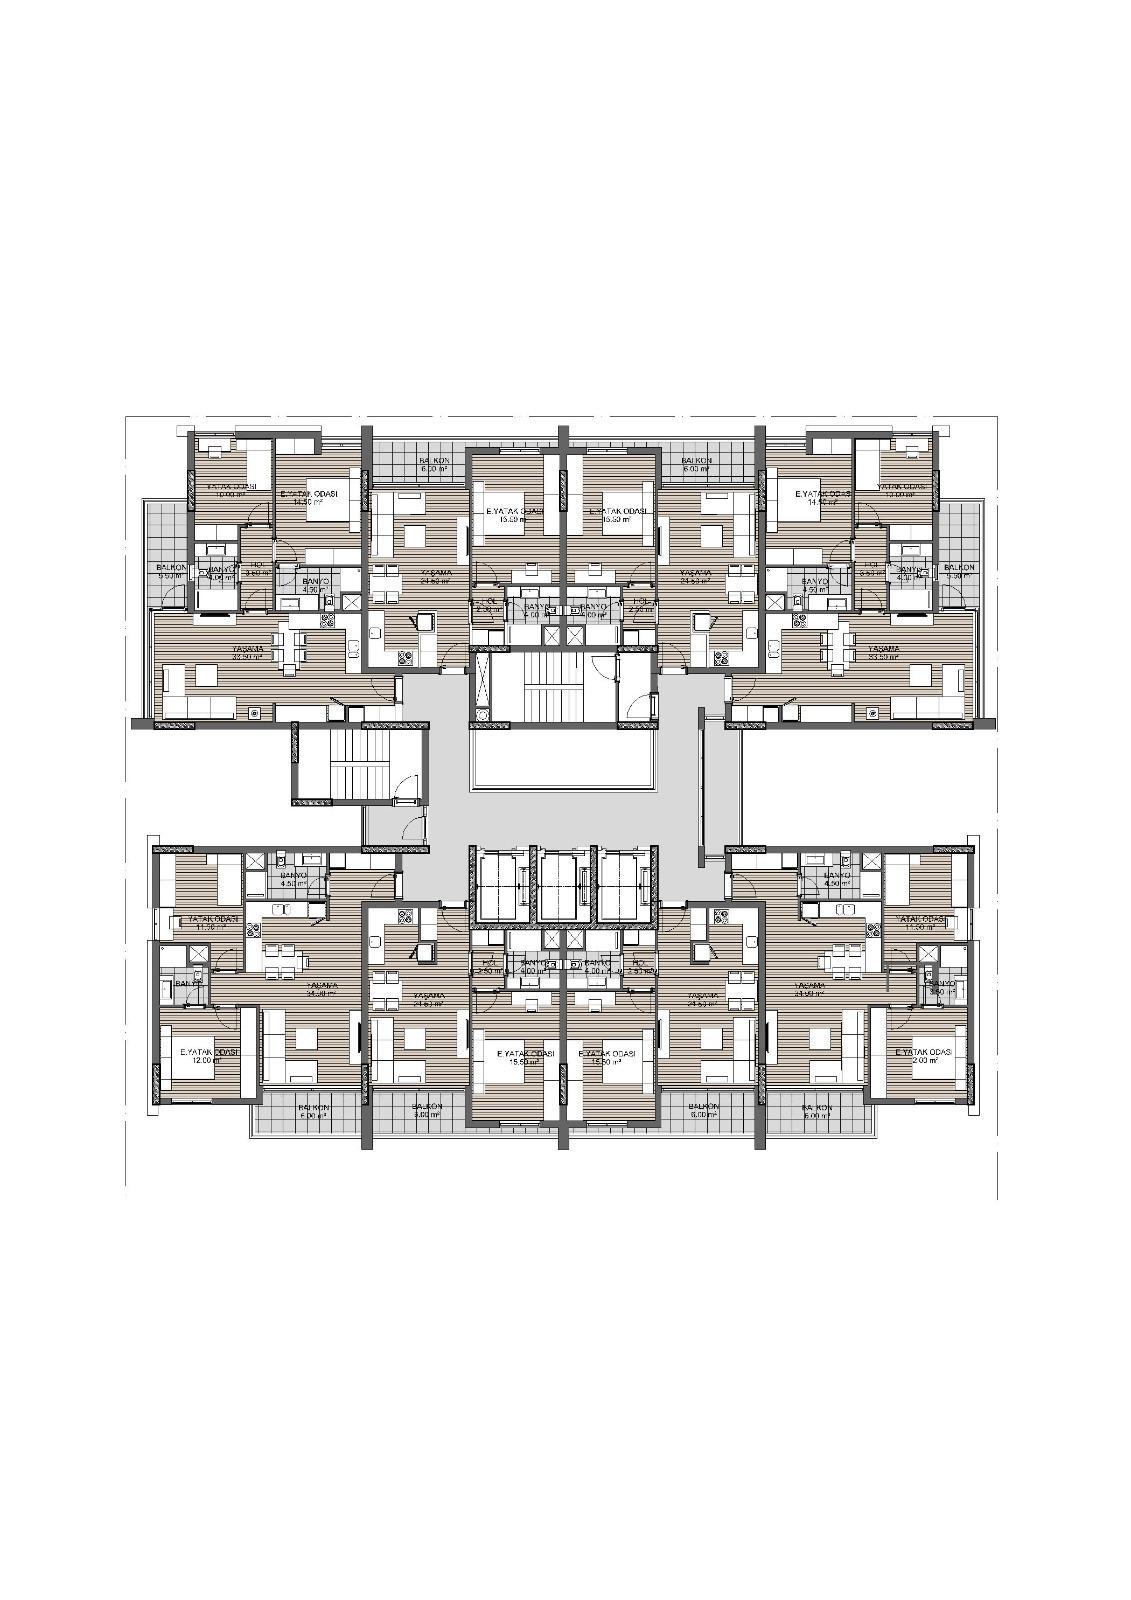 Инвестиционный проект жилого комплекса в Анталье - Фото 16